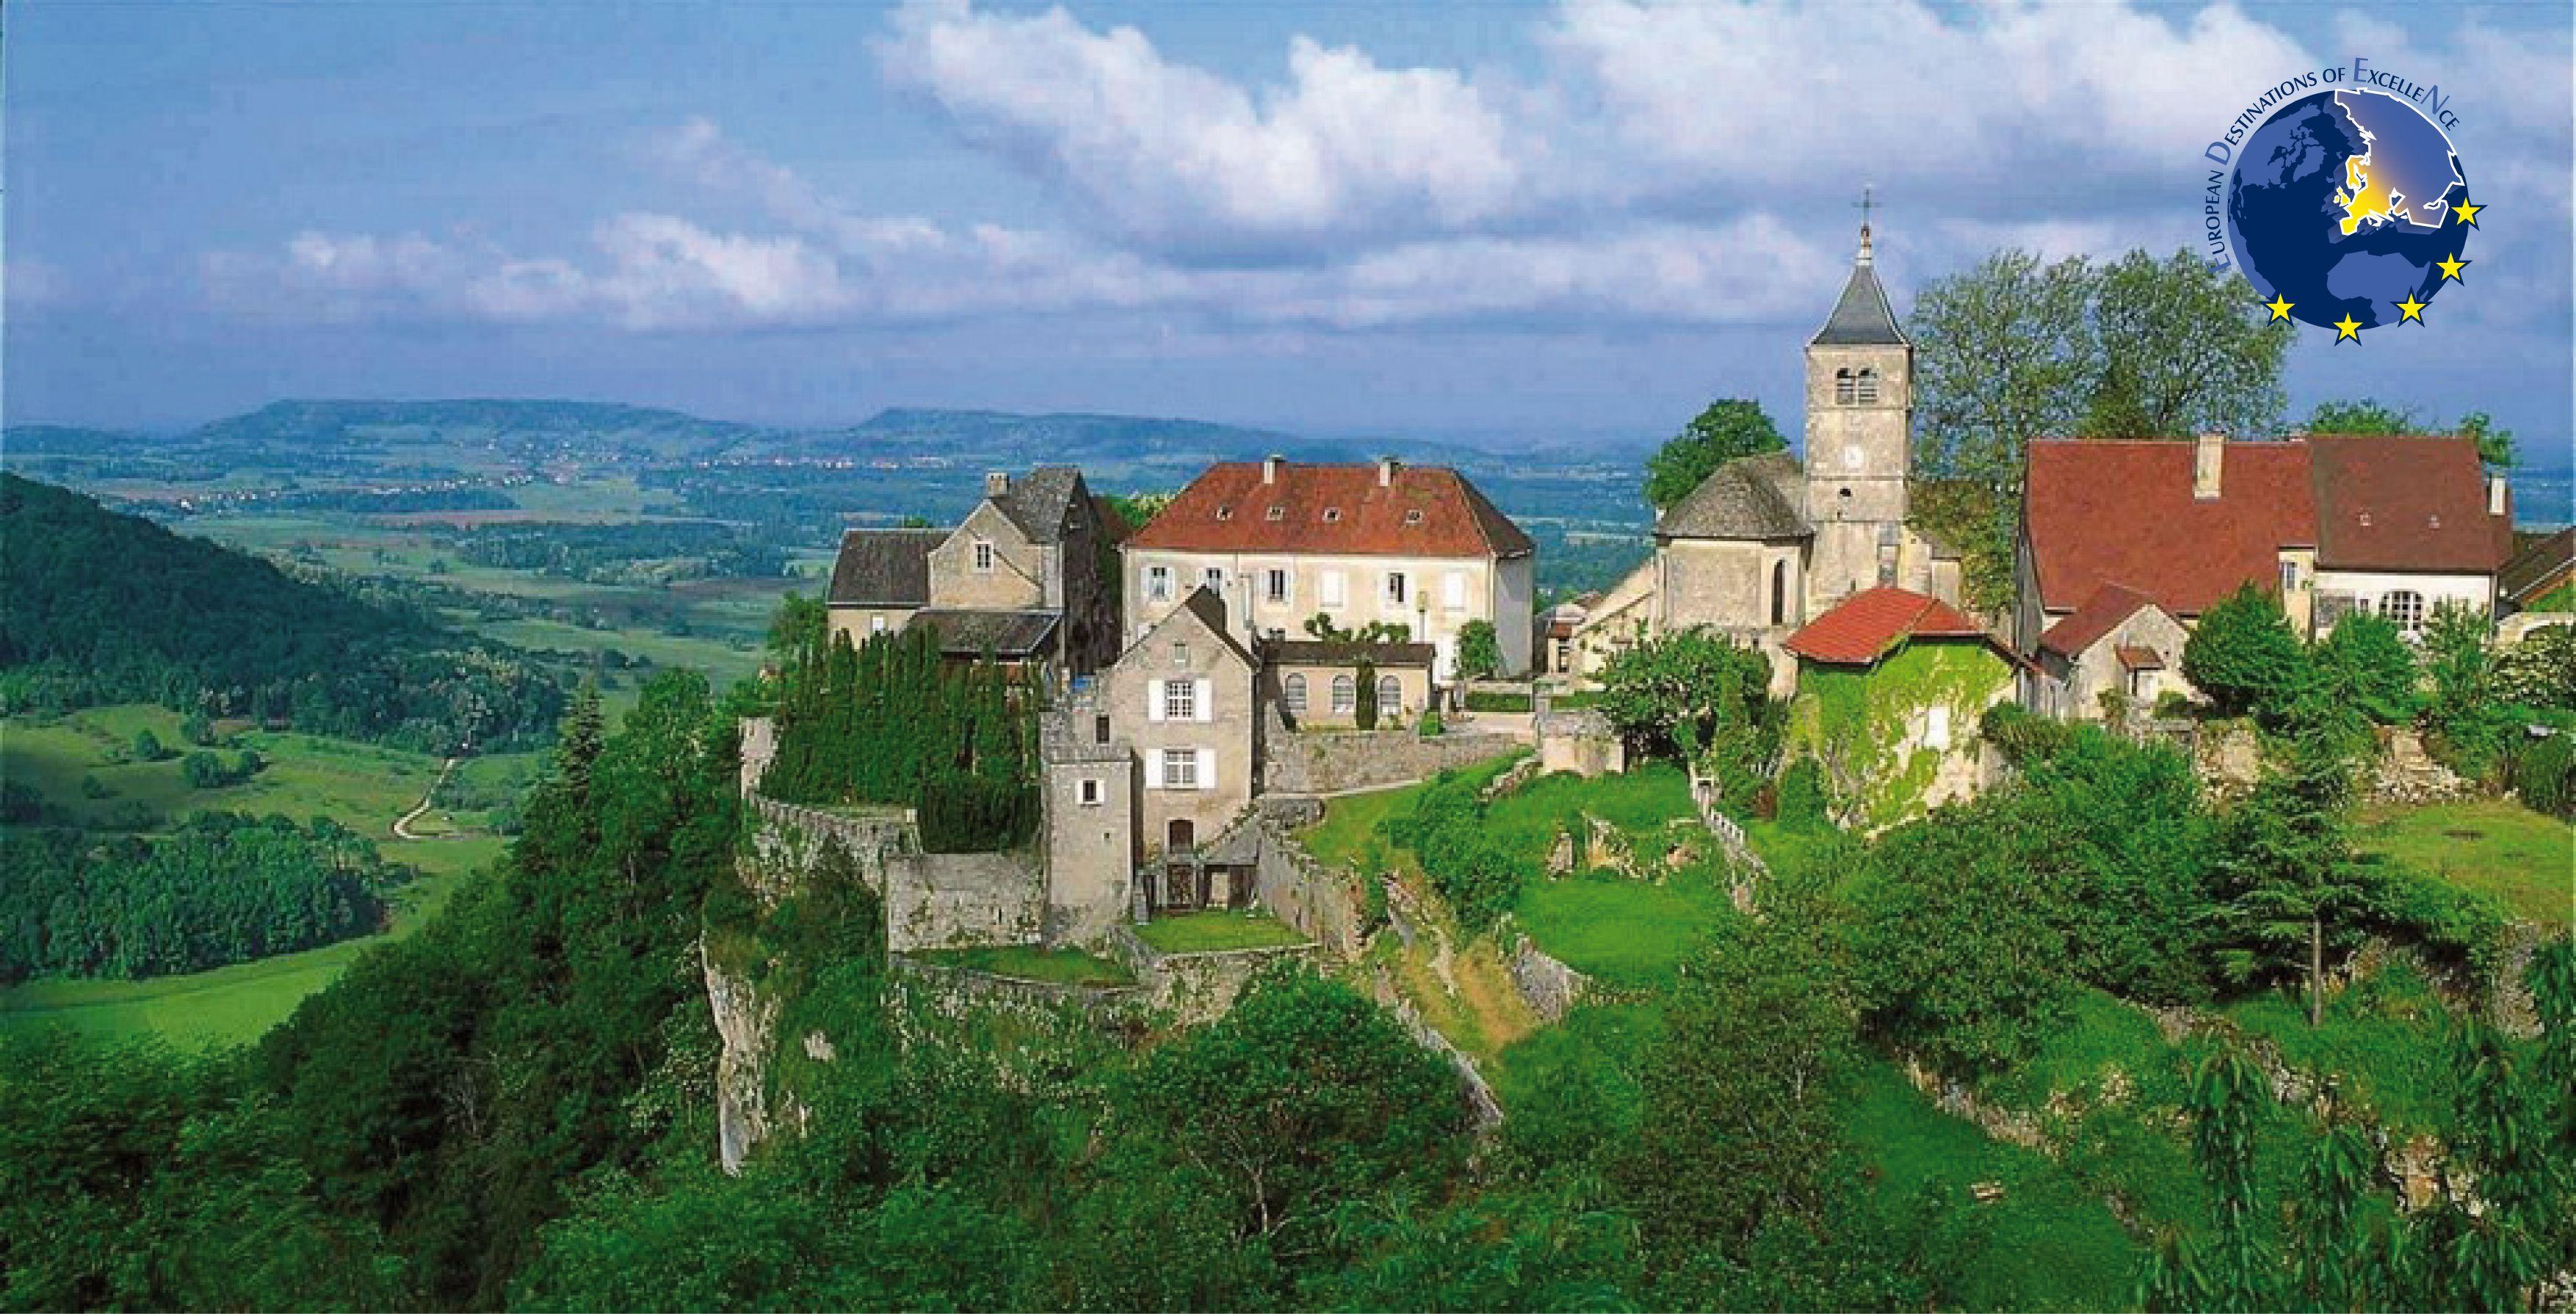 La Route Touristique Des Vins Du Jura A Ete Creee En 1990 En Franche Comte Veritable Colonne Vertebrale Aut Baume Les Messieurs Paysage France Site Voyage